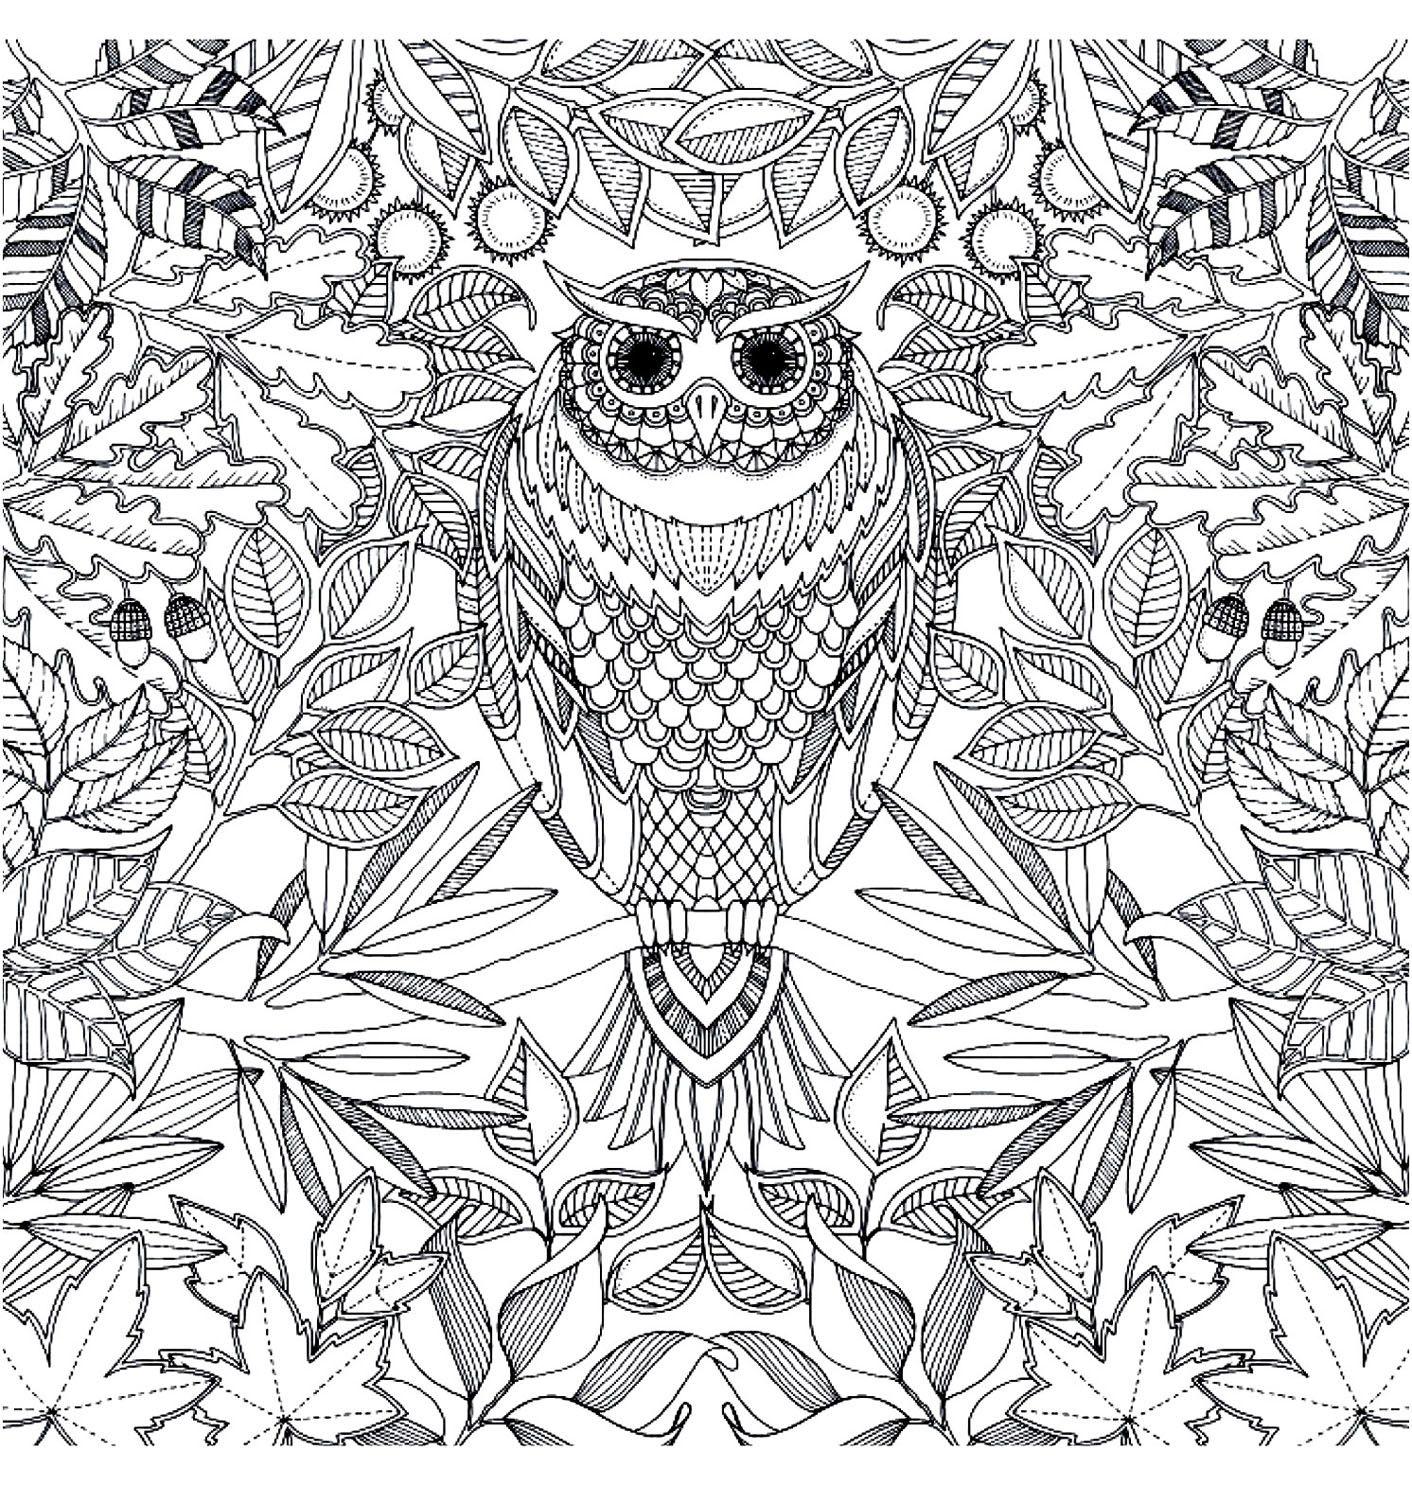 Galerie de coloriages gratuits coloriage adulte hibou - Coloriage d adulte a imprimer ...